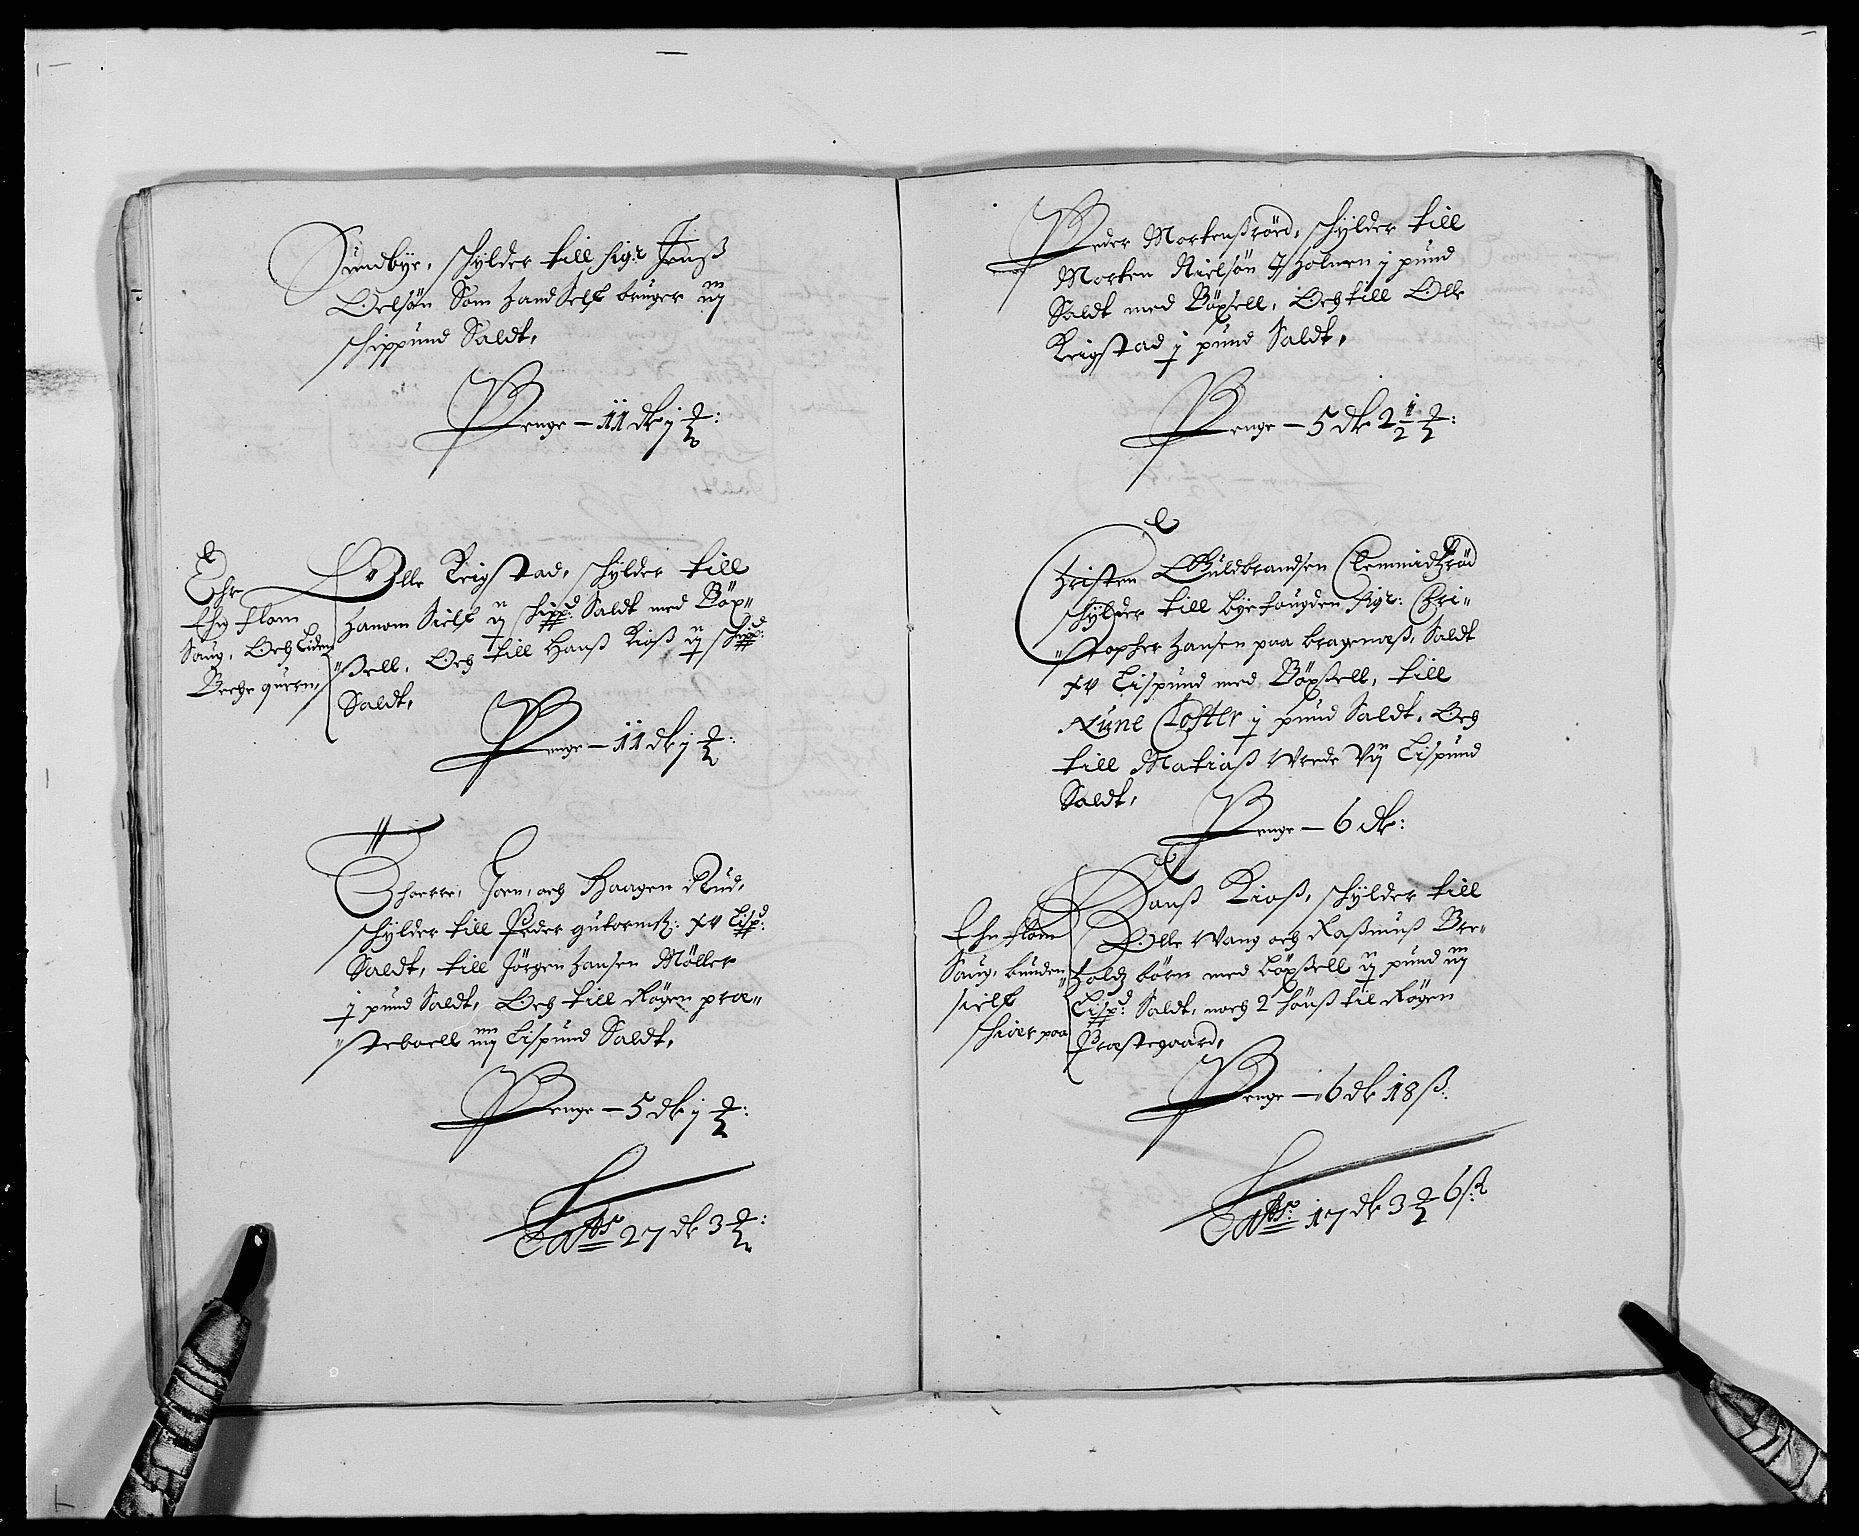 RA, Rentekammeret inntil 1814, Reviderte regnskaper, Fogderegnskap, R29/L1691: Fogderegnskap Hurum og Røyken, 1678-1681, s. 159